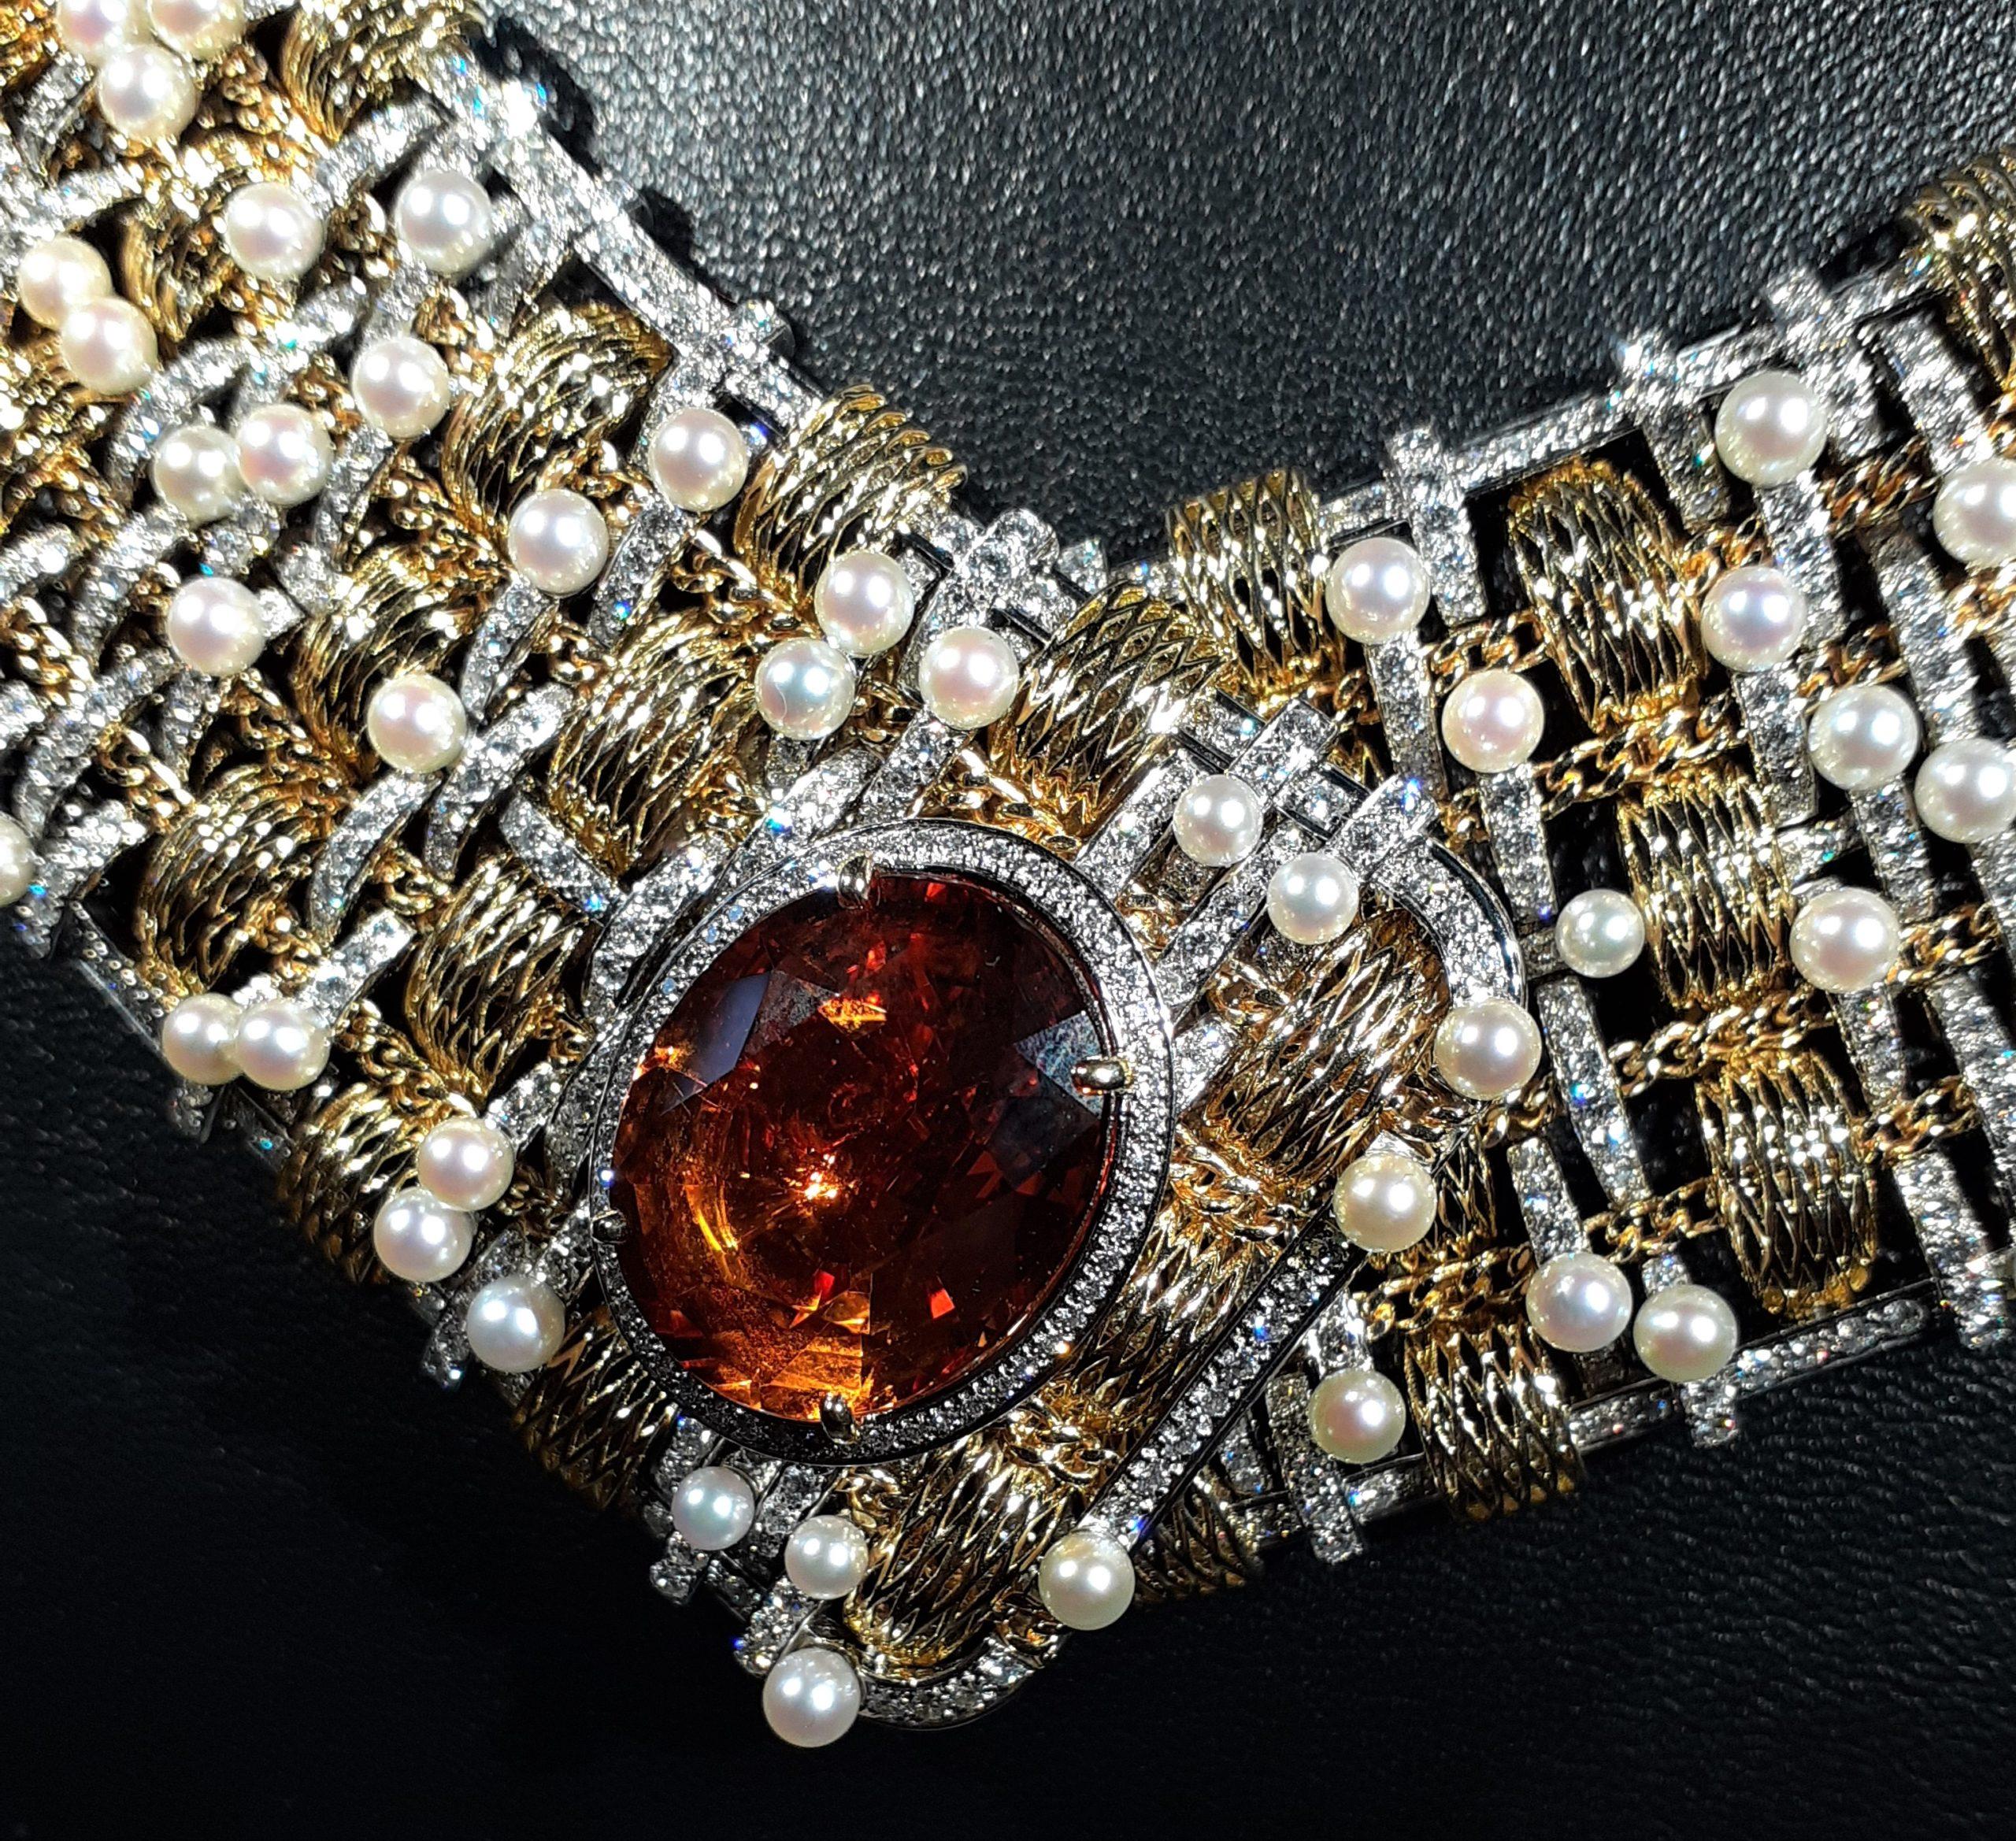 Comment Chanel a détourné le tweed pour le transformer en joyaux ?